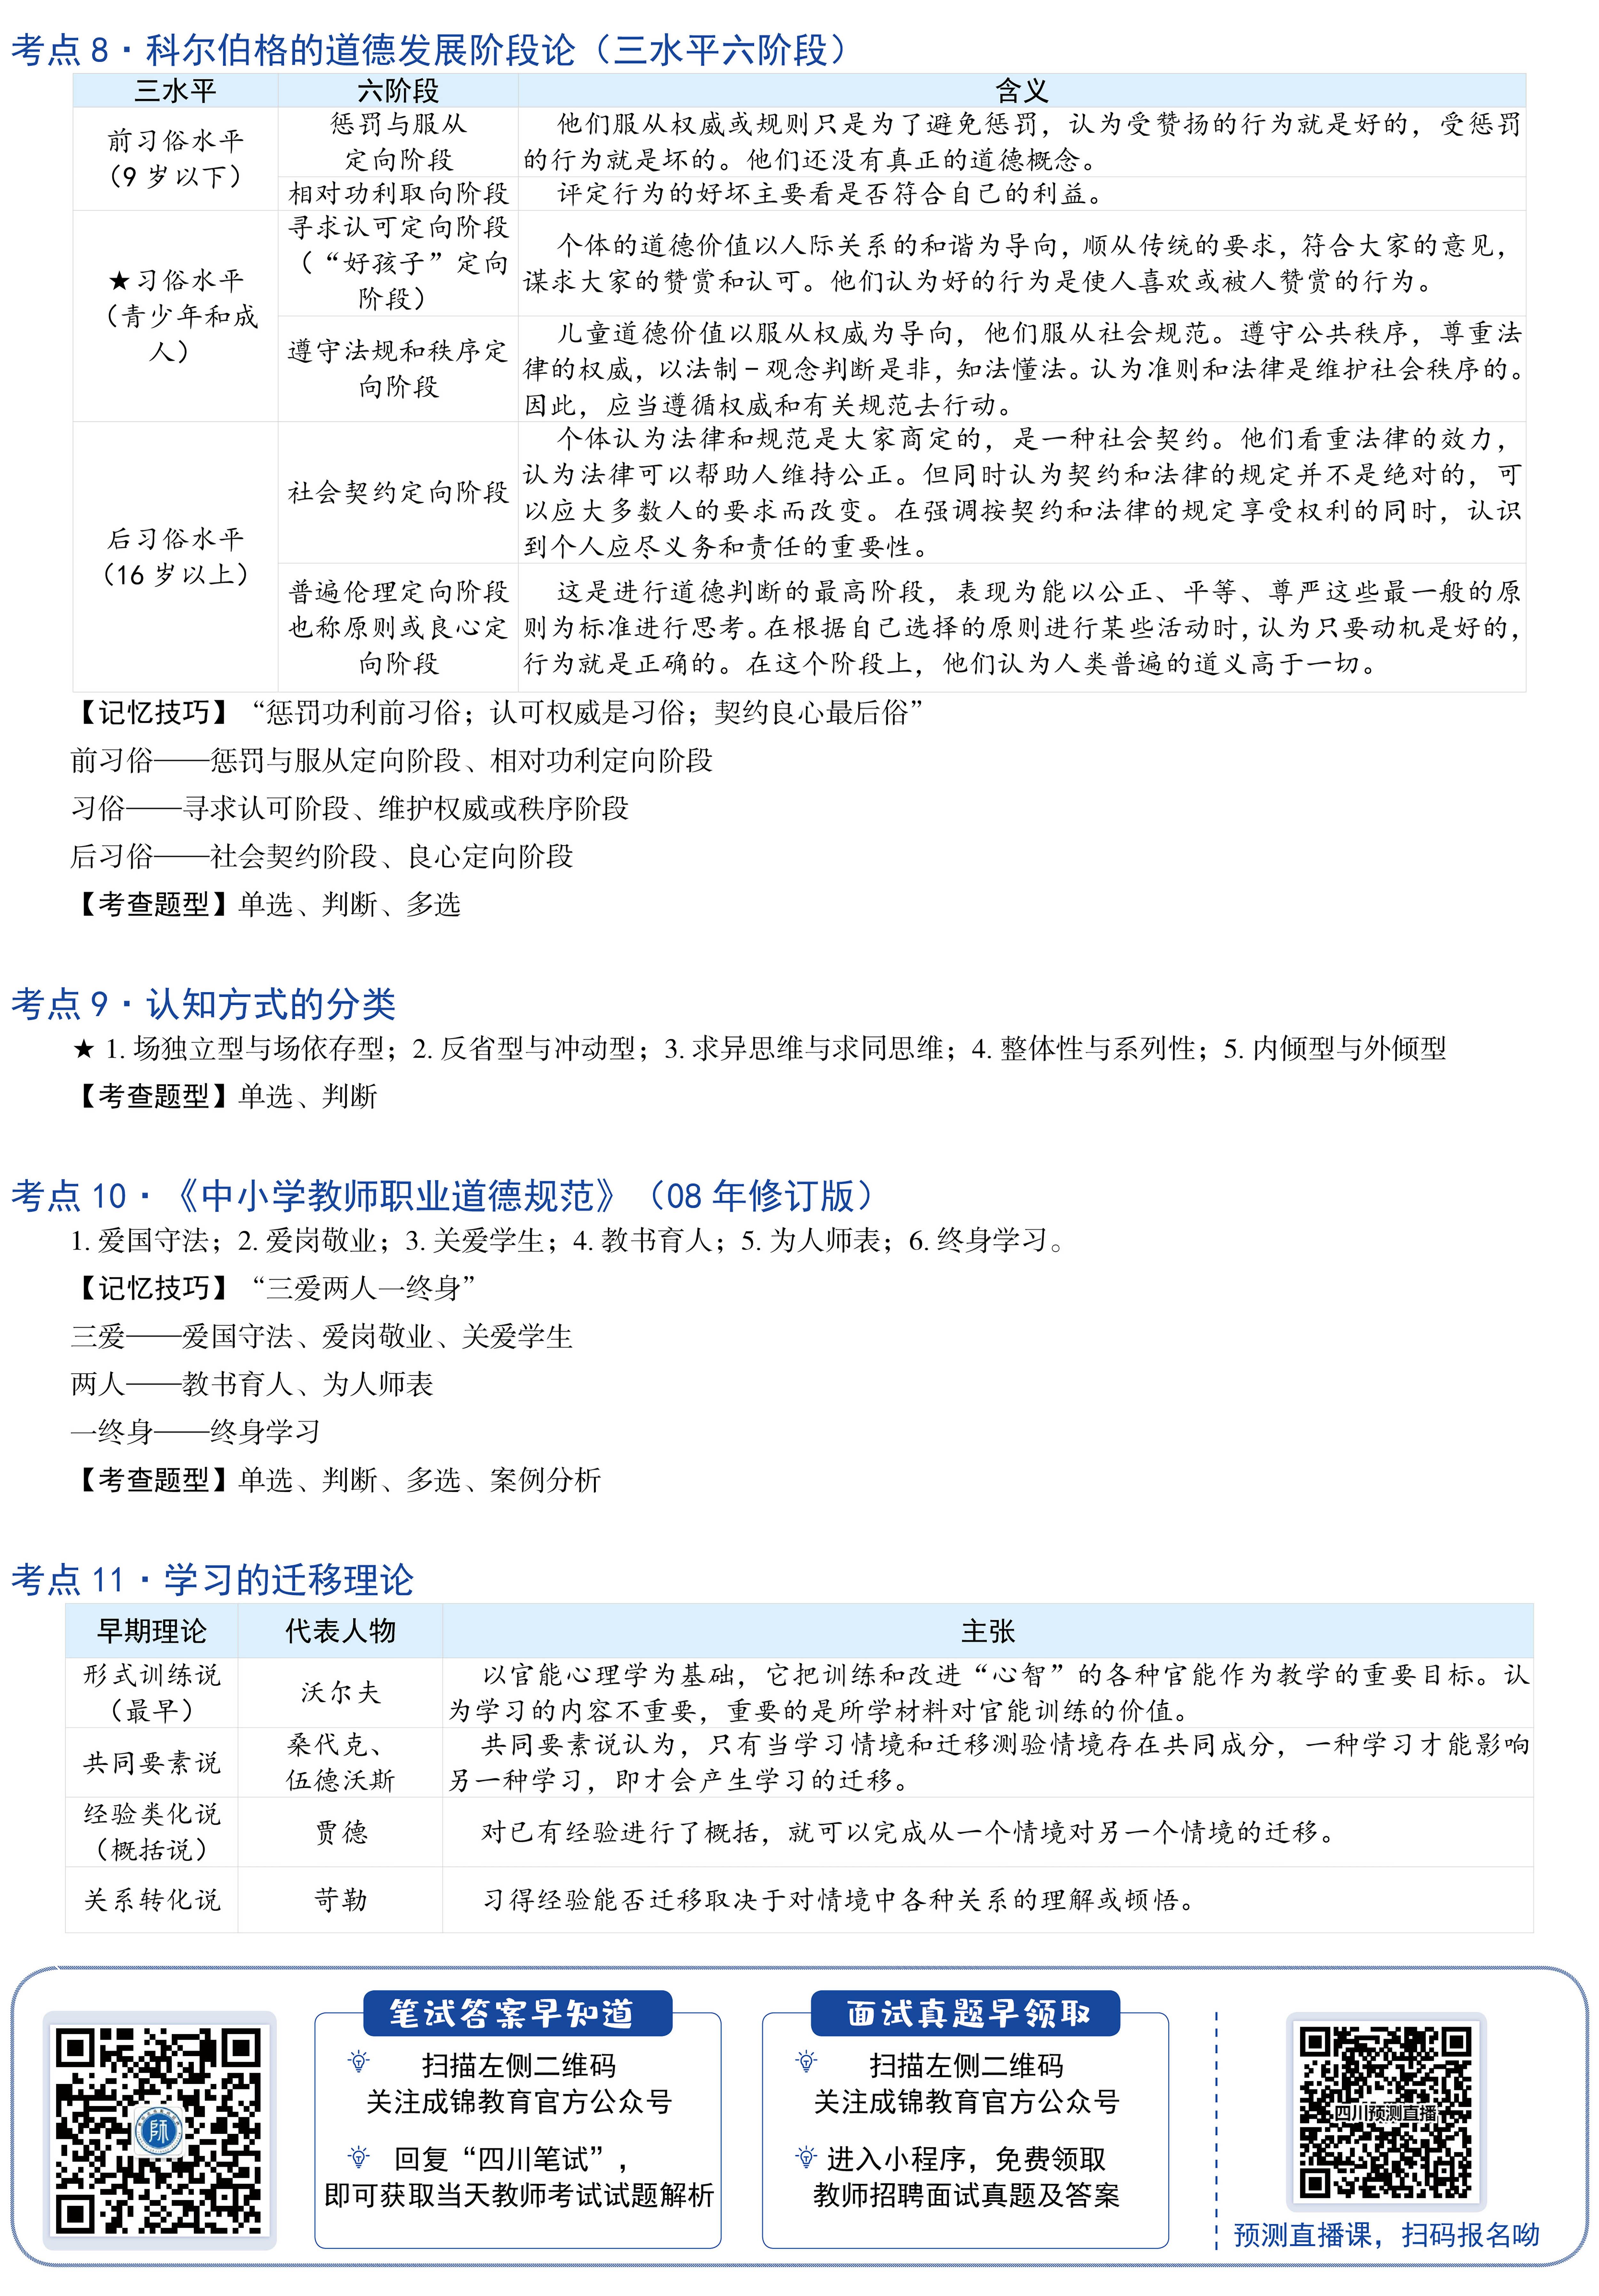 四川省人事考试网登录_pc端1.3-修改